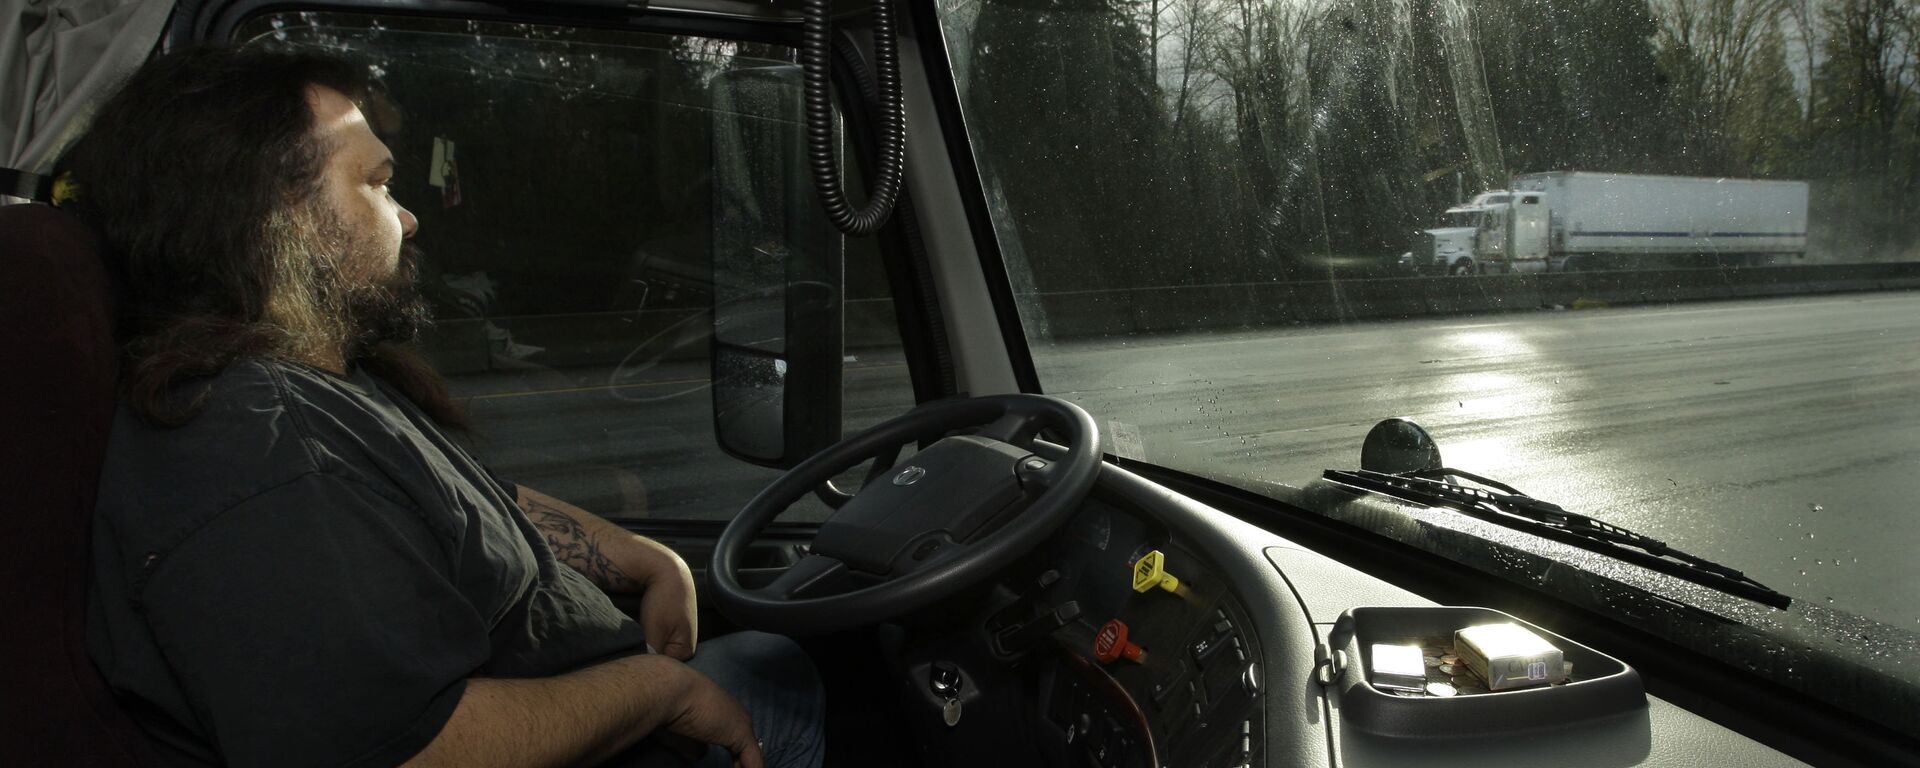 Водитель в кабине грузовика - Sputnik Латвия, 1920, 24.07.2020